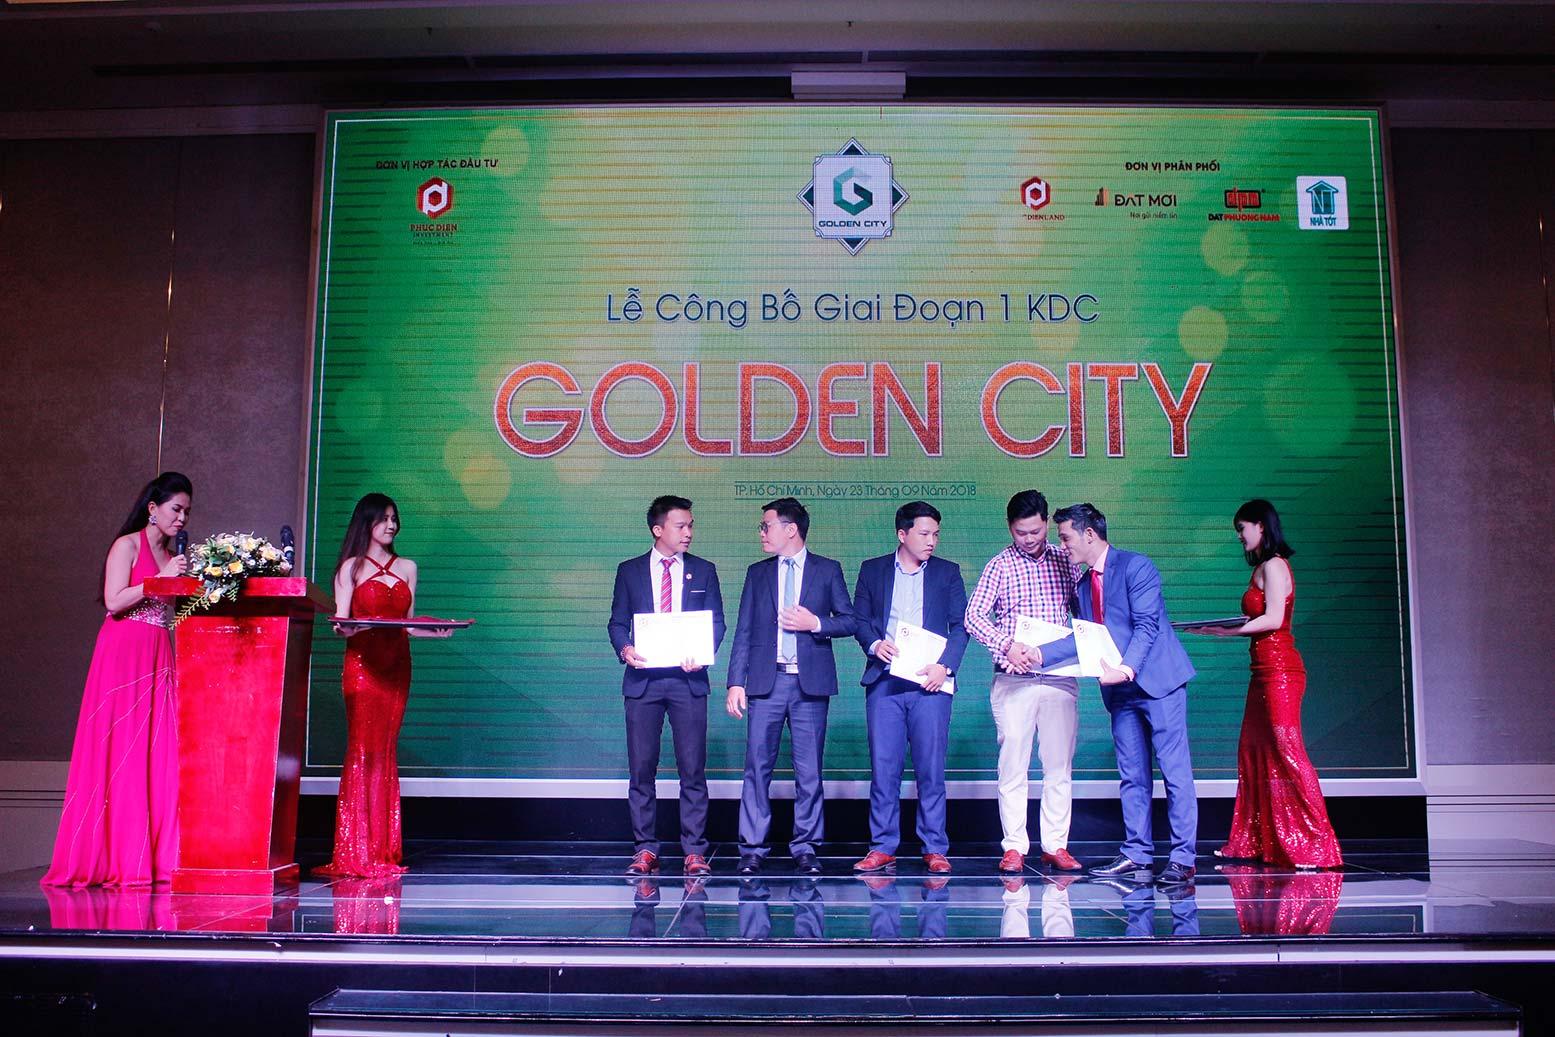 Hơn 90% giao dịch thành công tại buổi lễ công bố giai đoạn 1 KDC Golden City 8